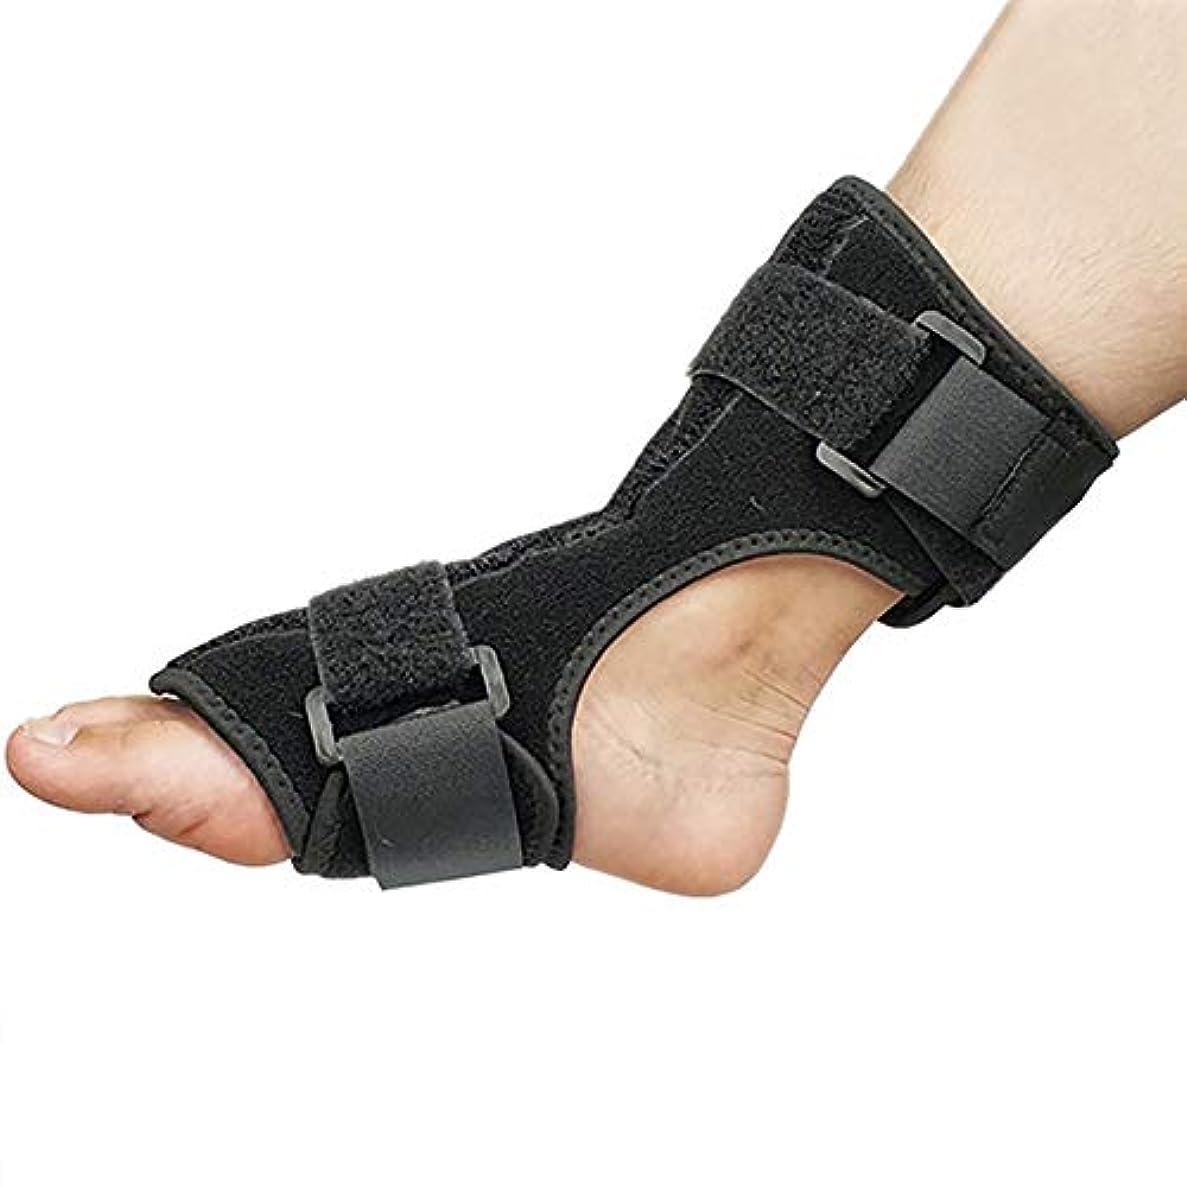 ファイナンスガレージカーテン足首のサポート 足用補助装具 アキレス腱 素足の保護 たるみの修正 固定の強化 創傷の足の支持 1枚 左右兼用